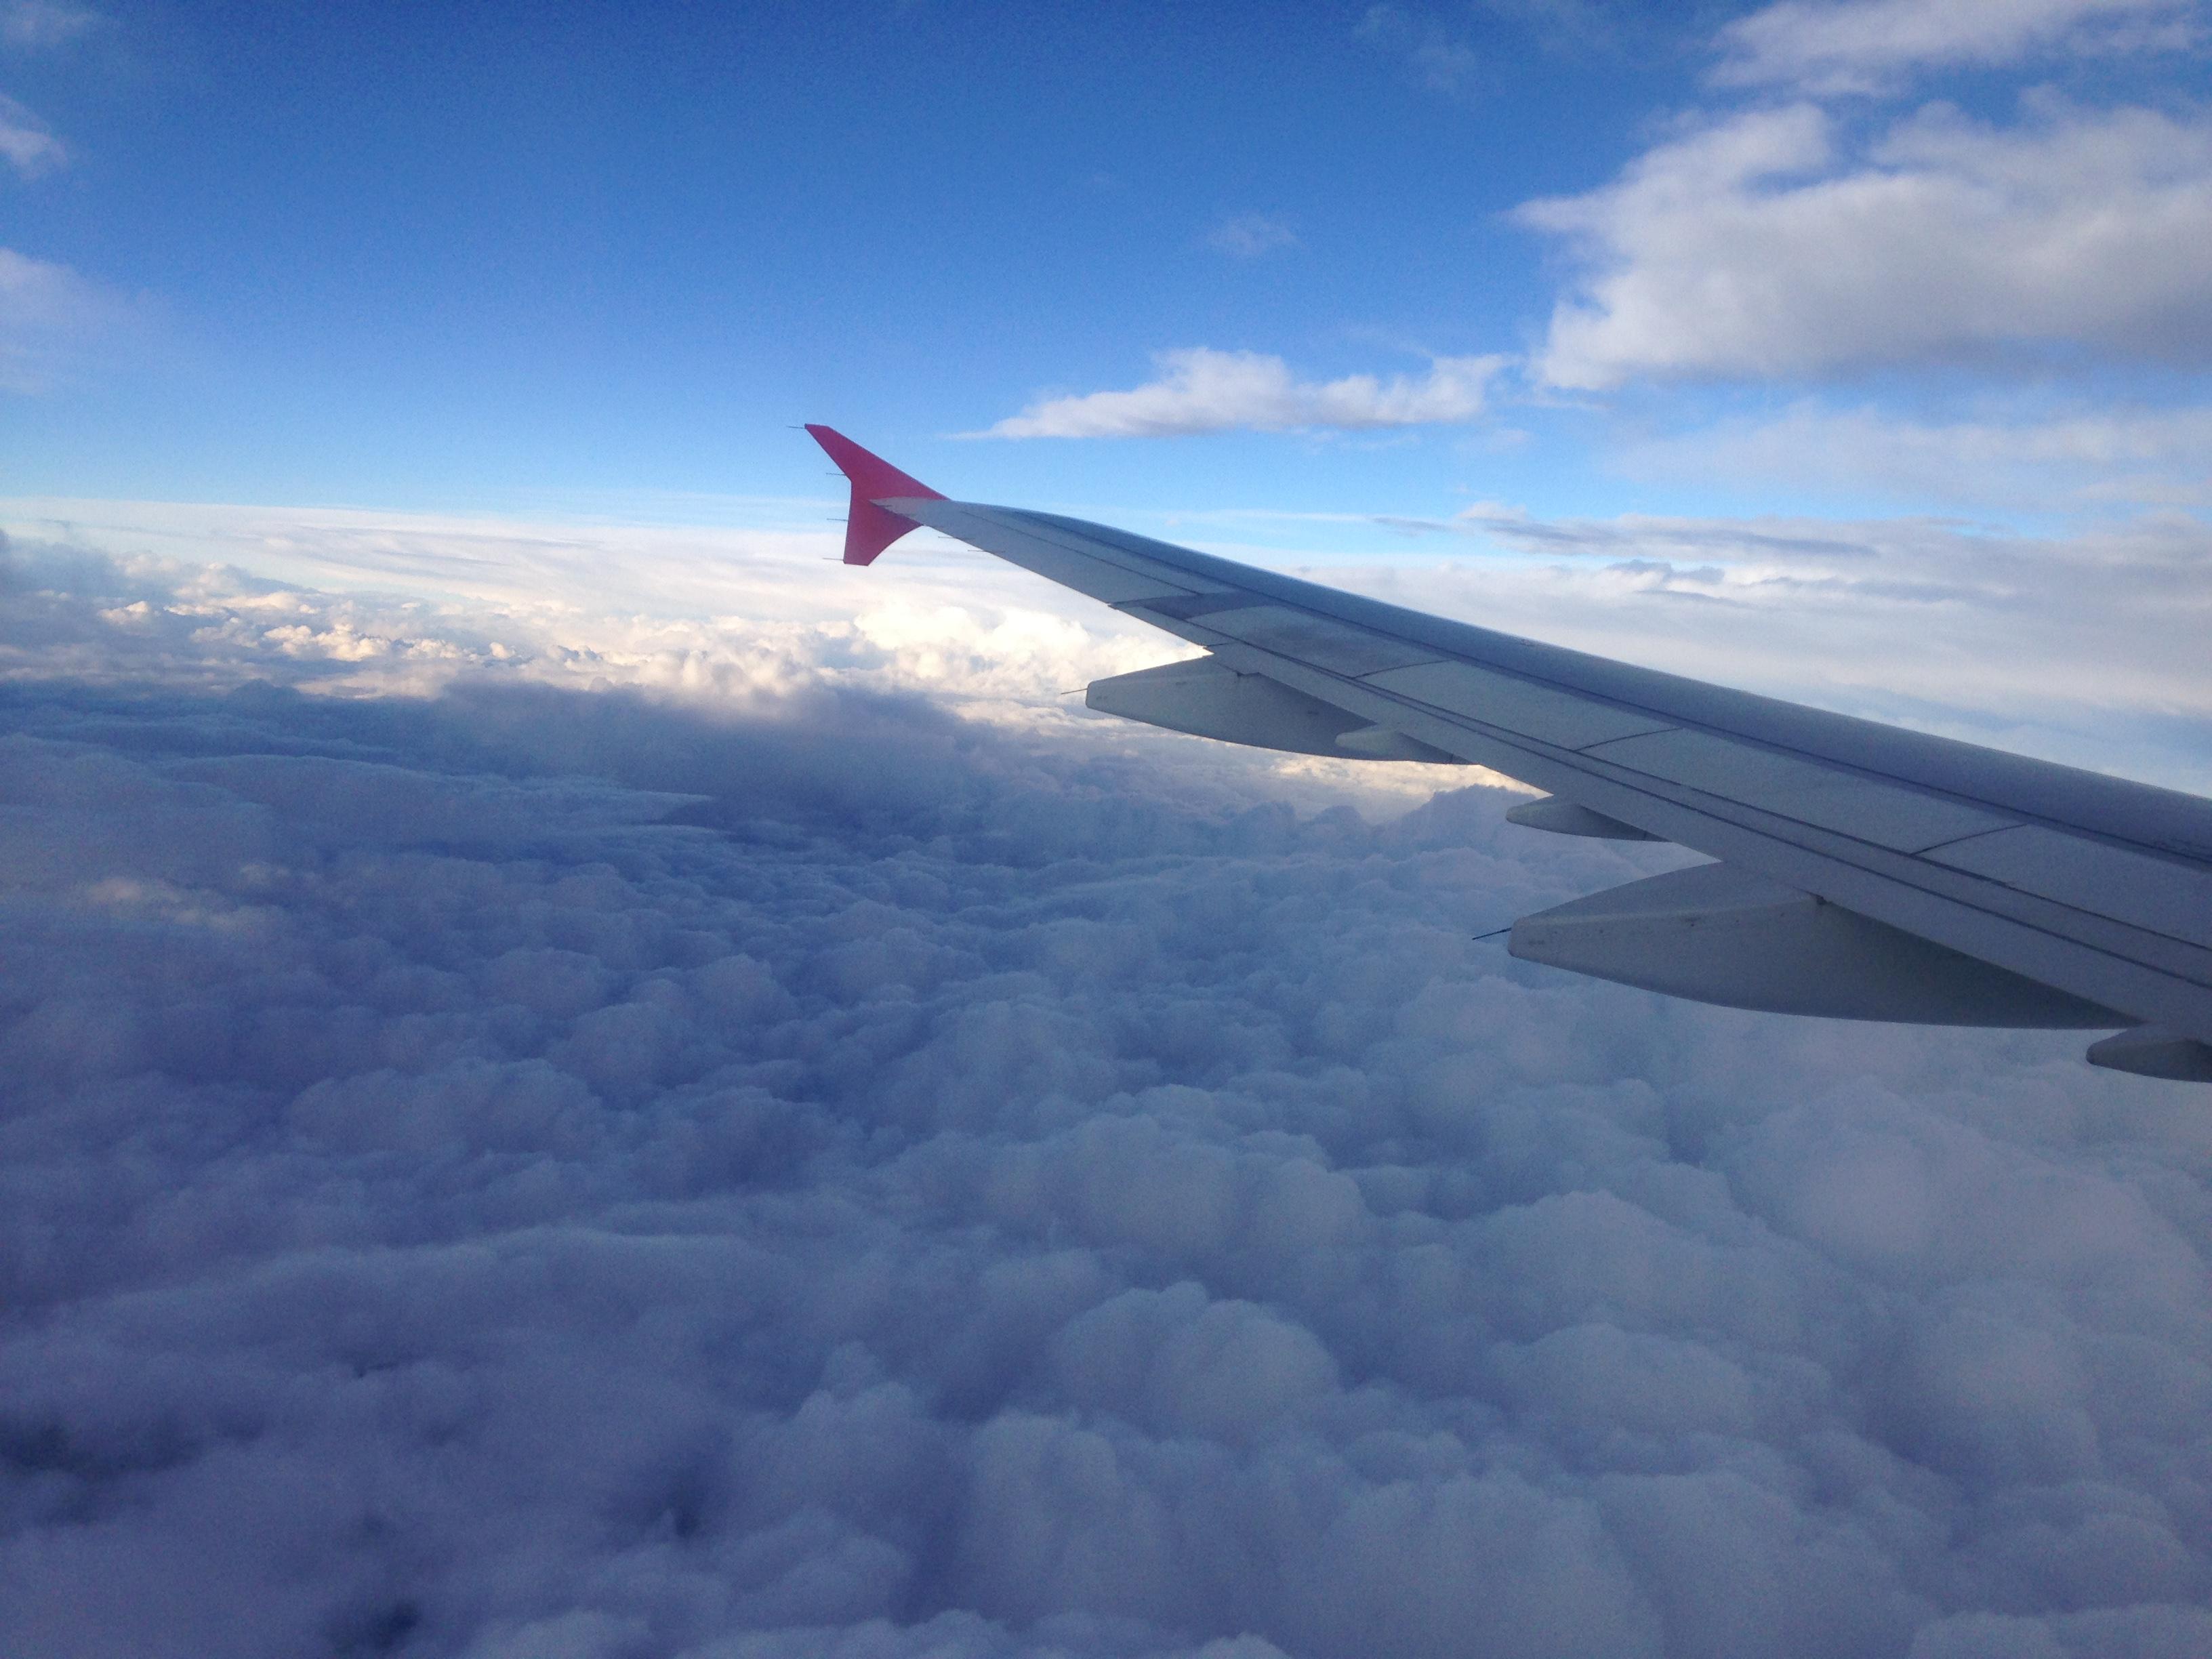 ウィーンへ!オーストリア航空はウィンナーワルツでお出迎え♪